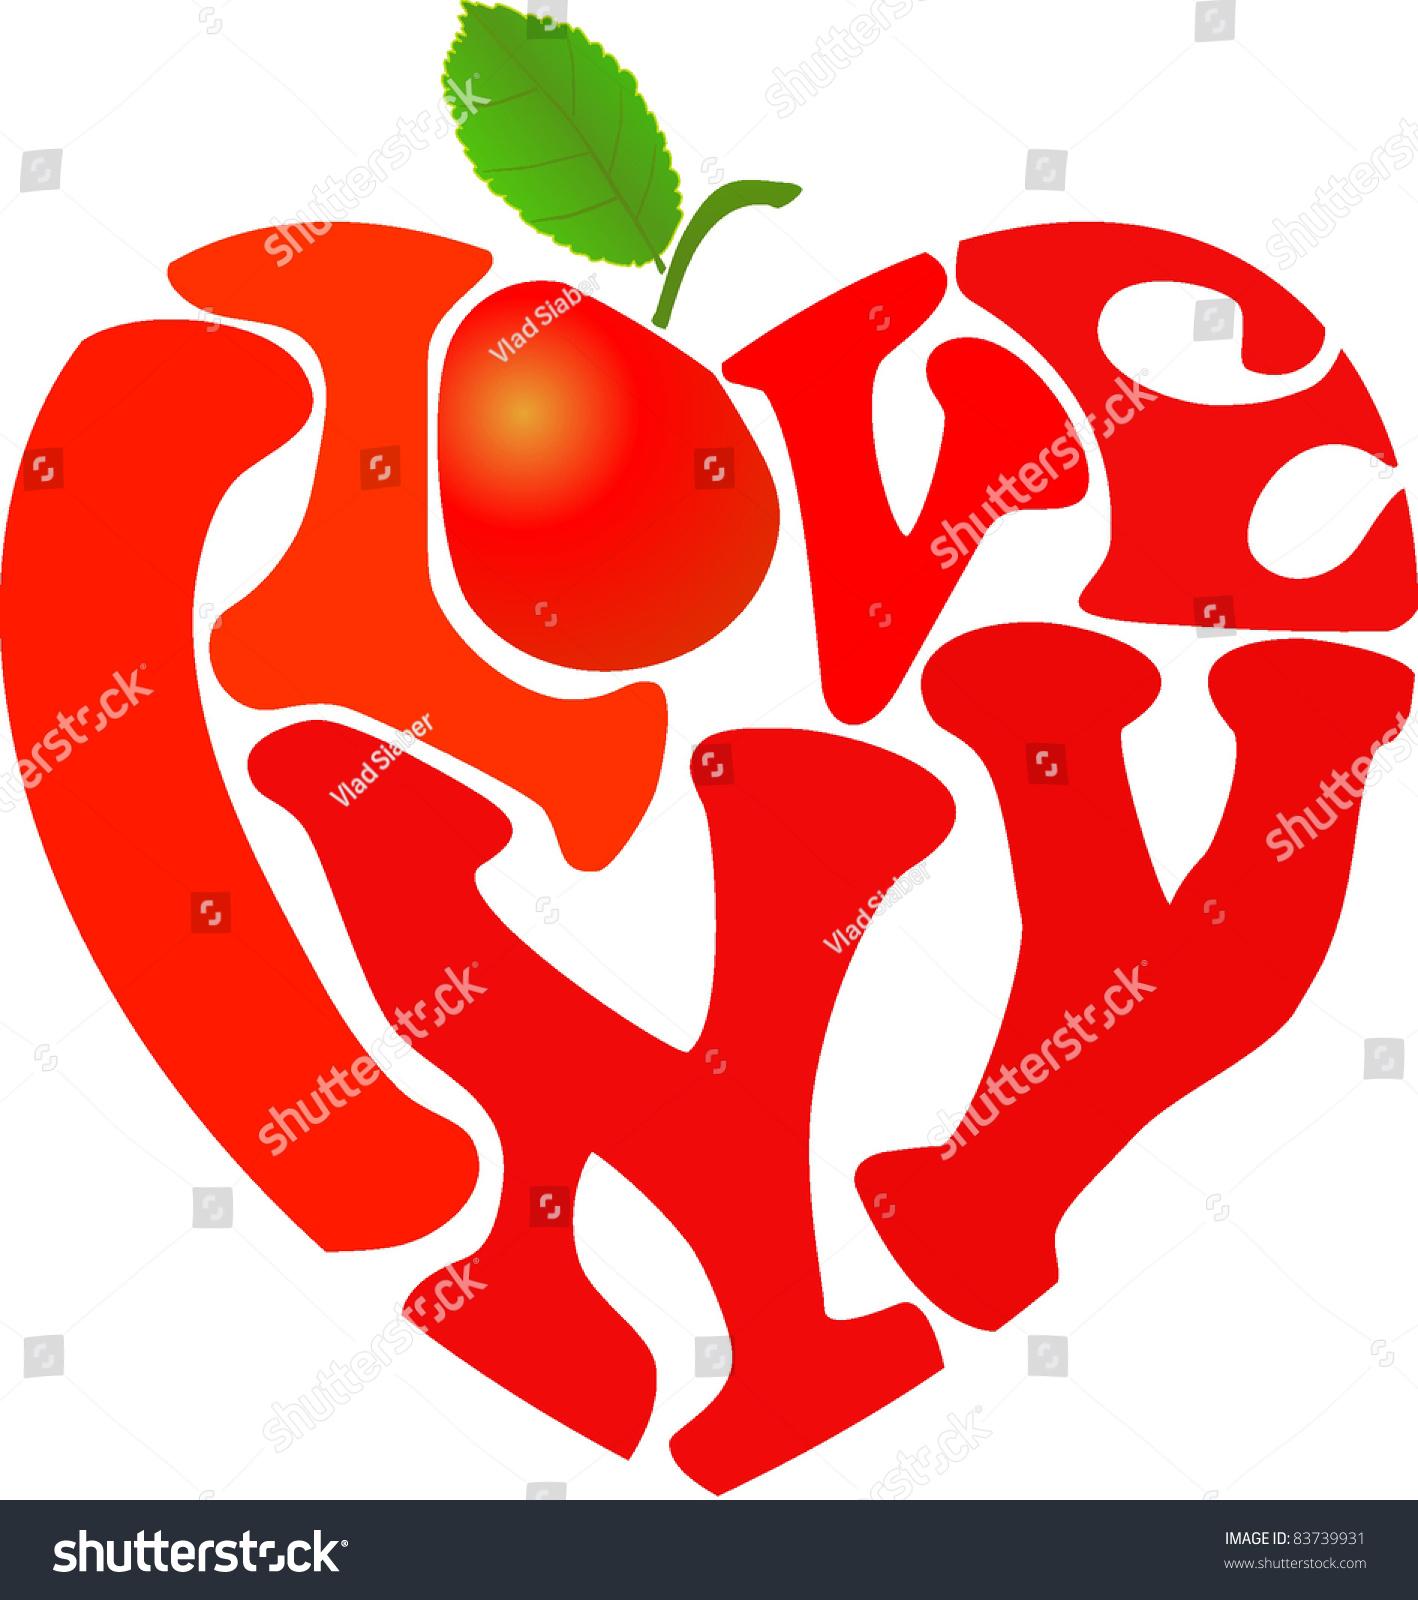 Words i love ny apple shaped stock vector 83739931 shutterstock words i love ny and apple shaped in heart symbol biocorpaavc